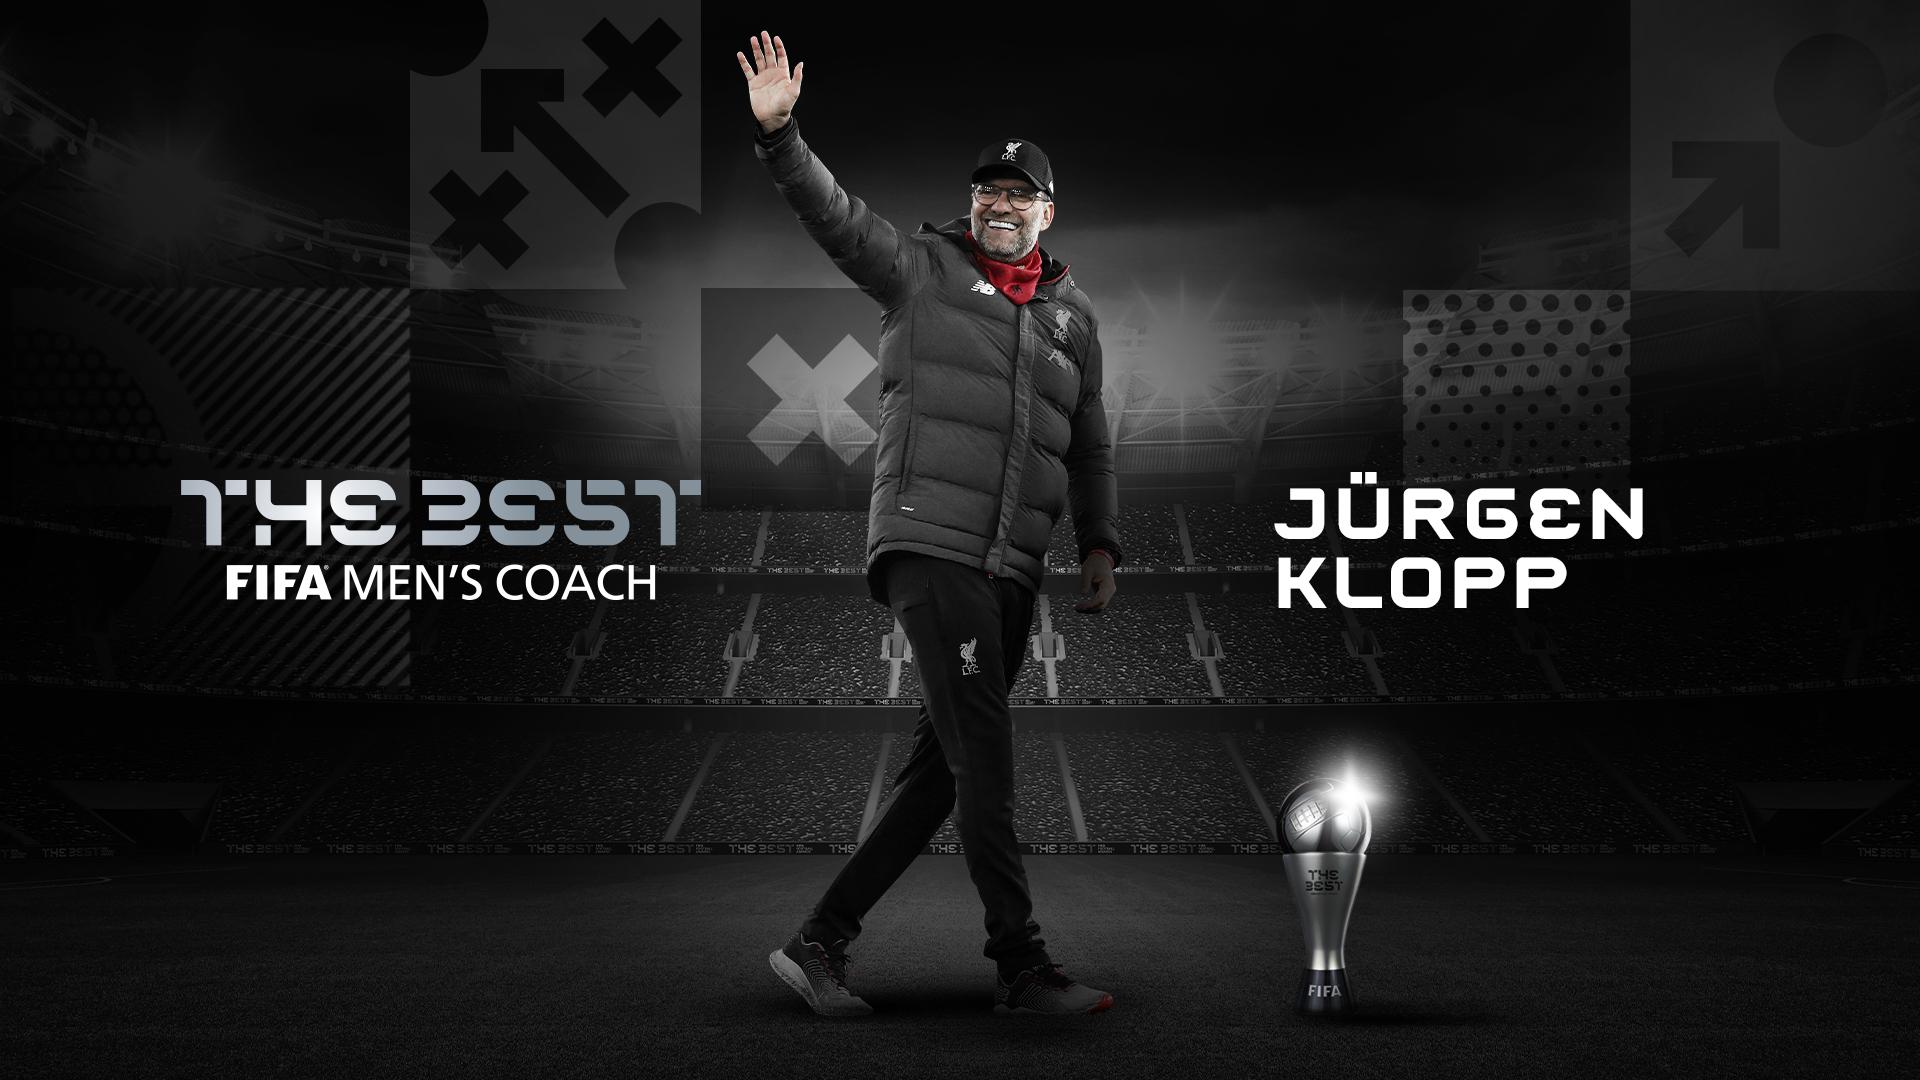 Premio The Best al Entrenador de la FIFA de Fútbol Masculino